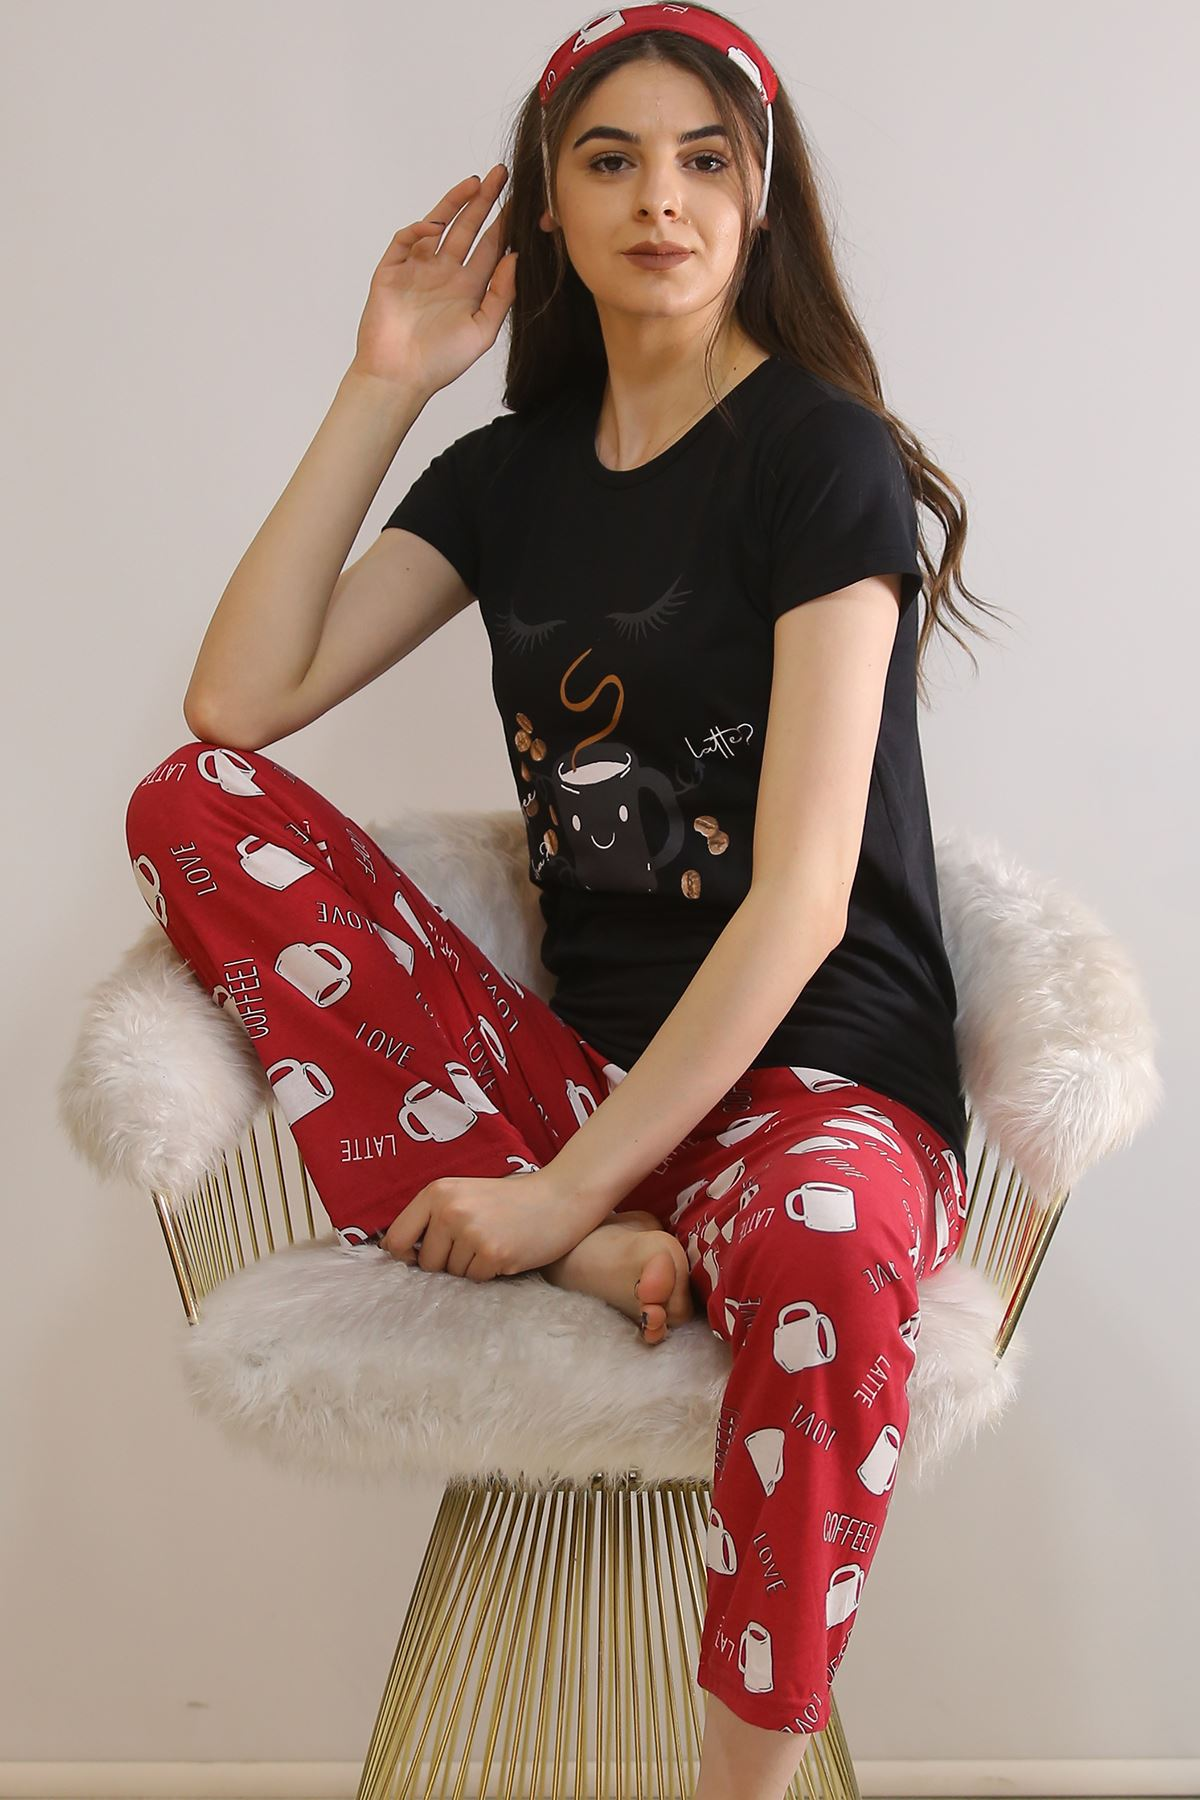 Baskılı Pijama Takımı Siyah - 21443.1059.